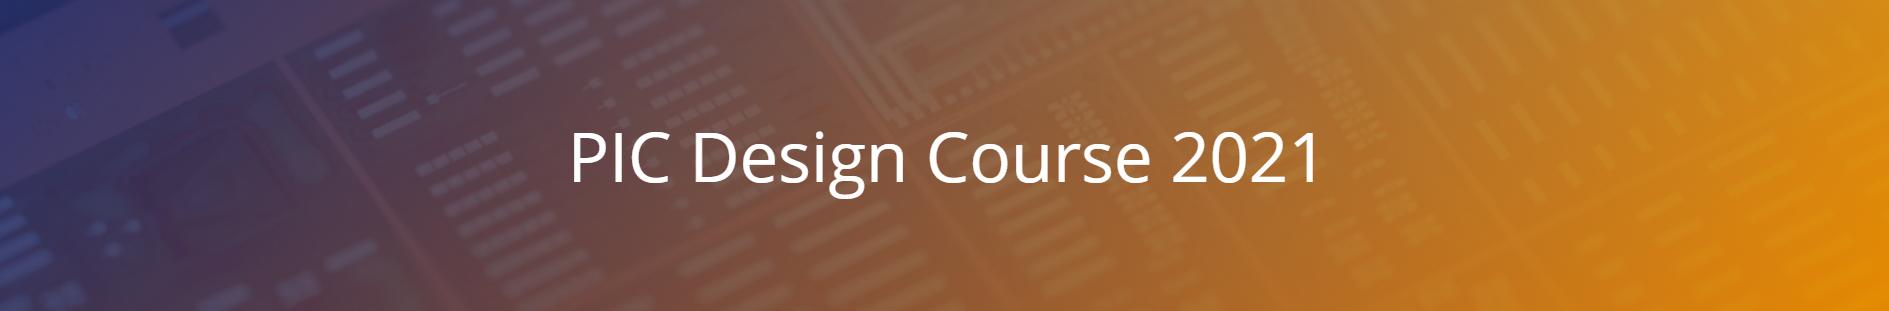 PIC Design Course 2021